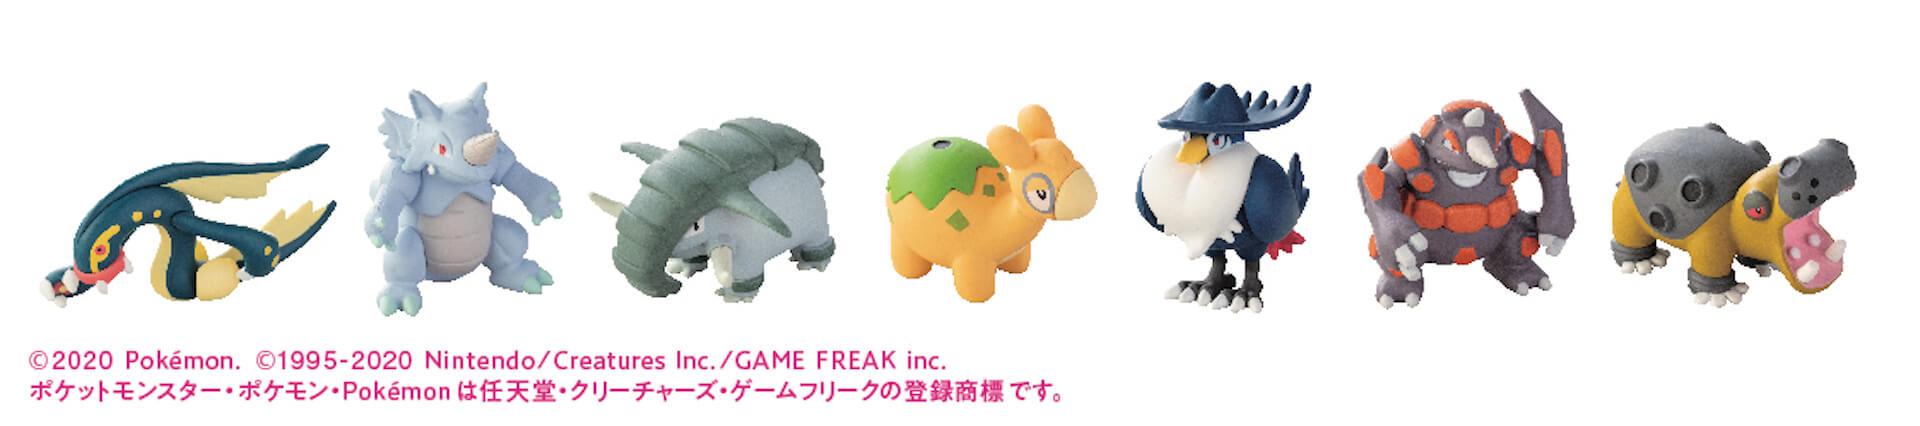 吉野家とポケットモンスターのコラボが再び!かわいい「ドン」つきポケモンのフィギュアがもらえる『ポケ盛り』第2弾の販売が決定 gourmet200716_pokemon_yoshinoya_3